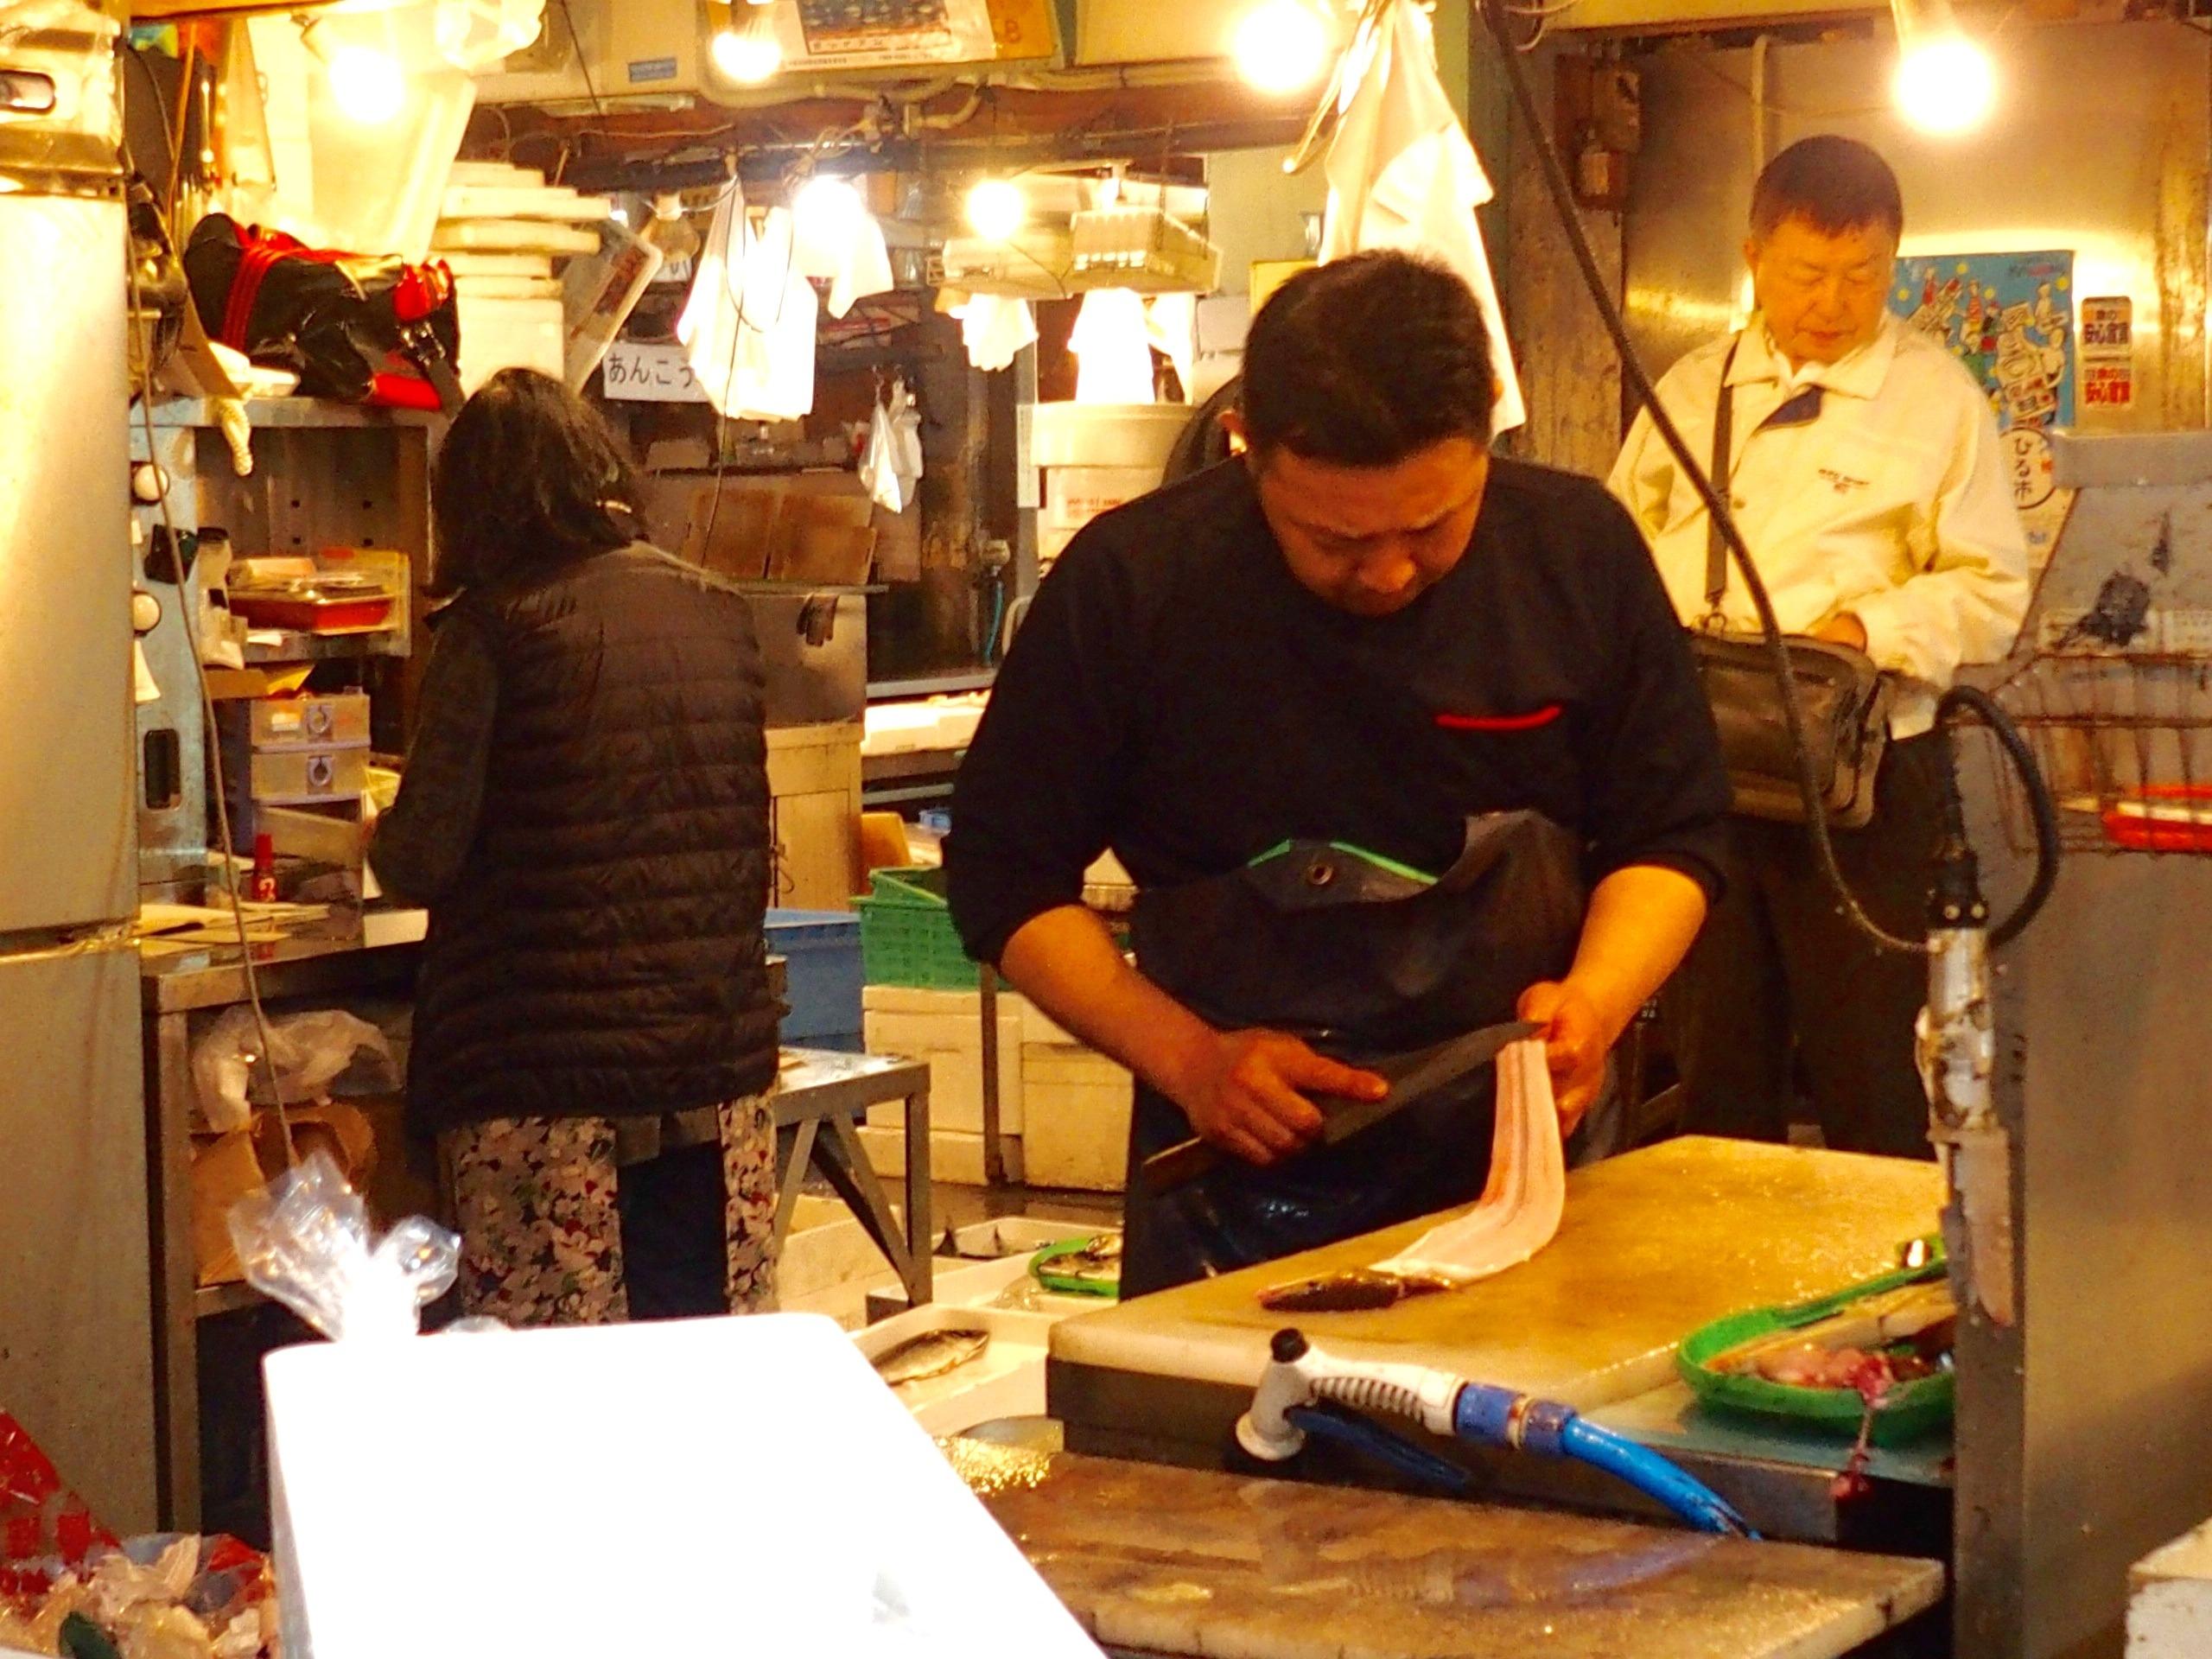 Découpe de poissons marché Osaka Japon